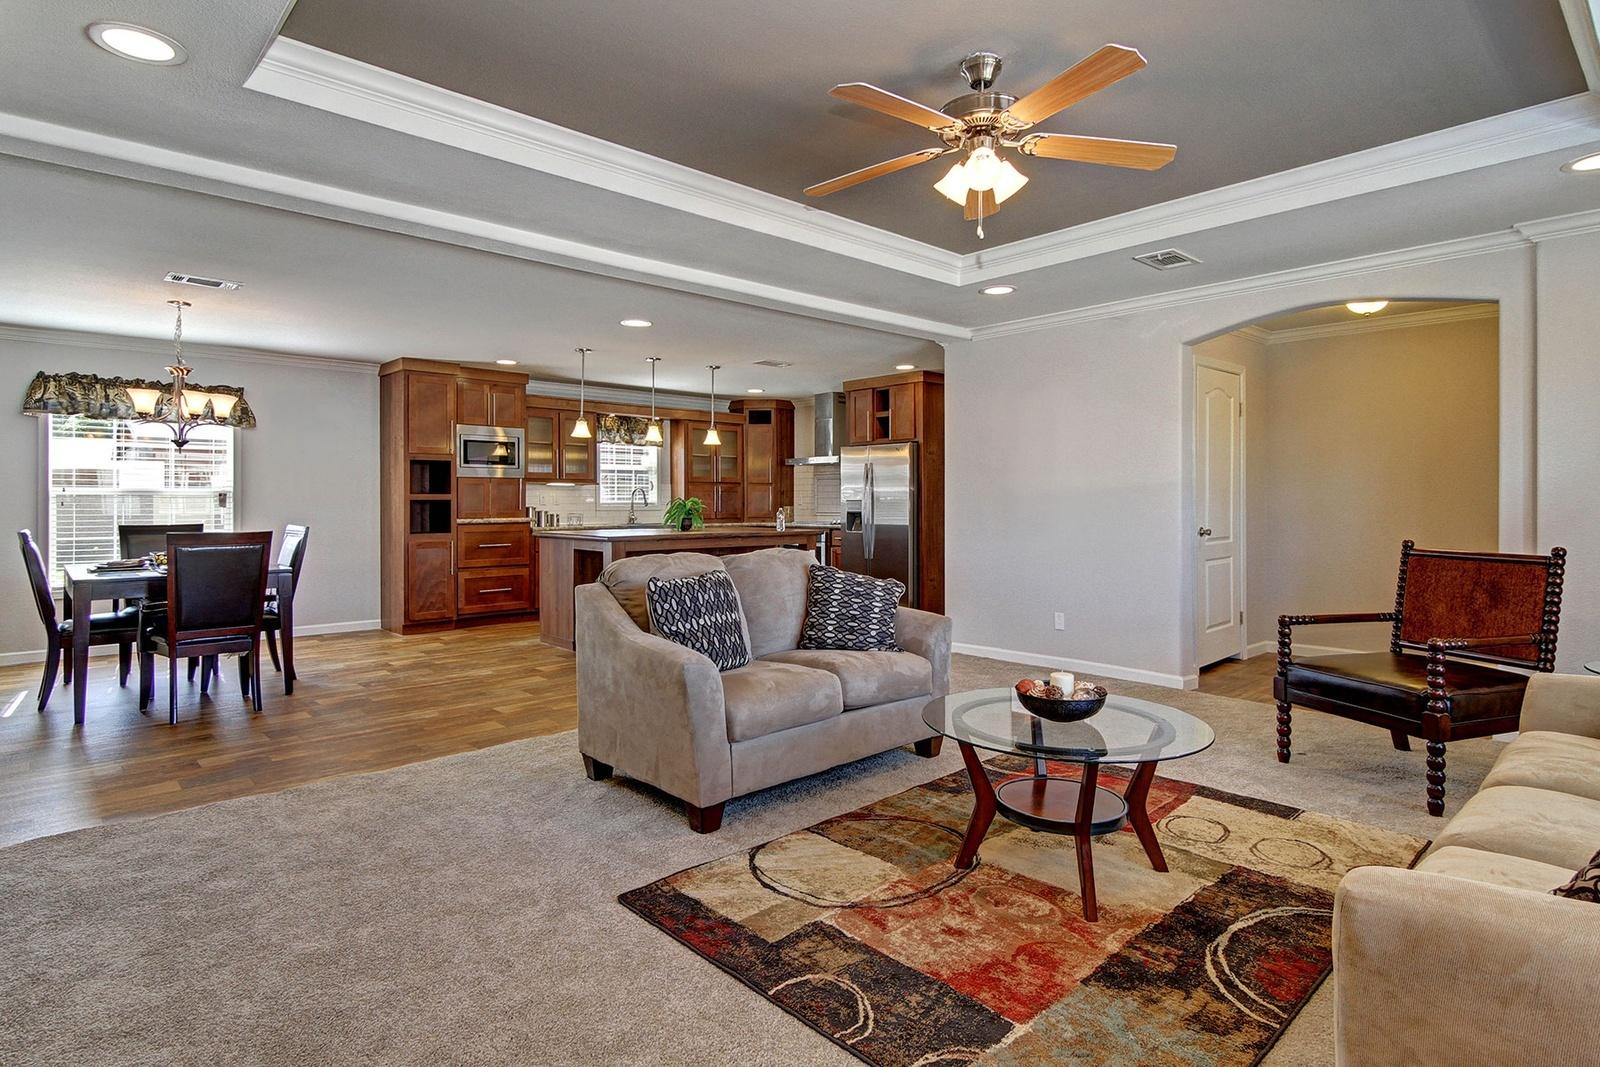 hillcrest-interior-1600x1067.jpg